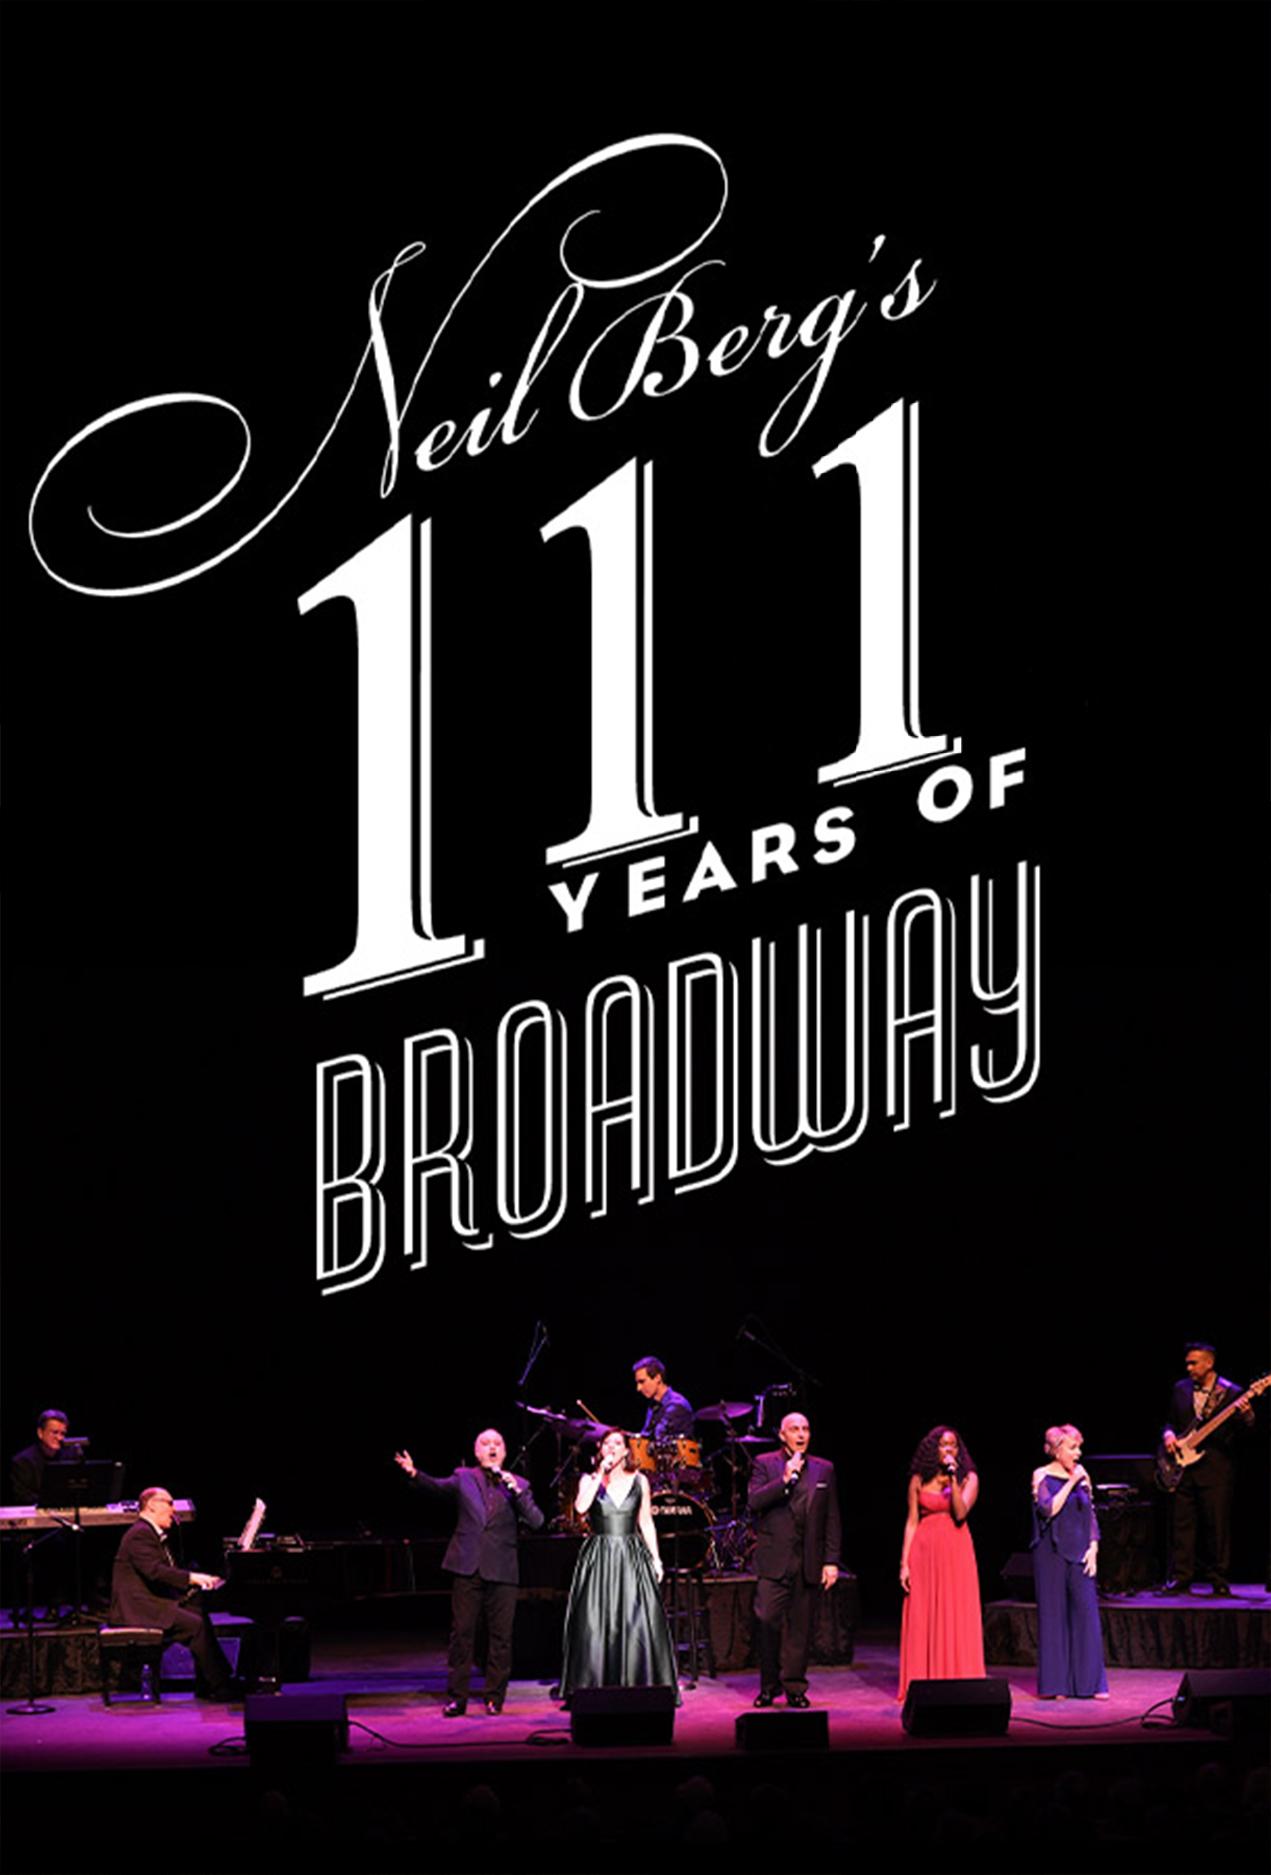 Neil Berg's 111 Years of Broadway